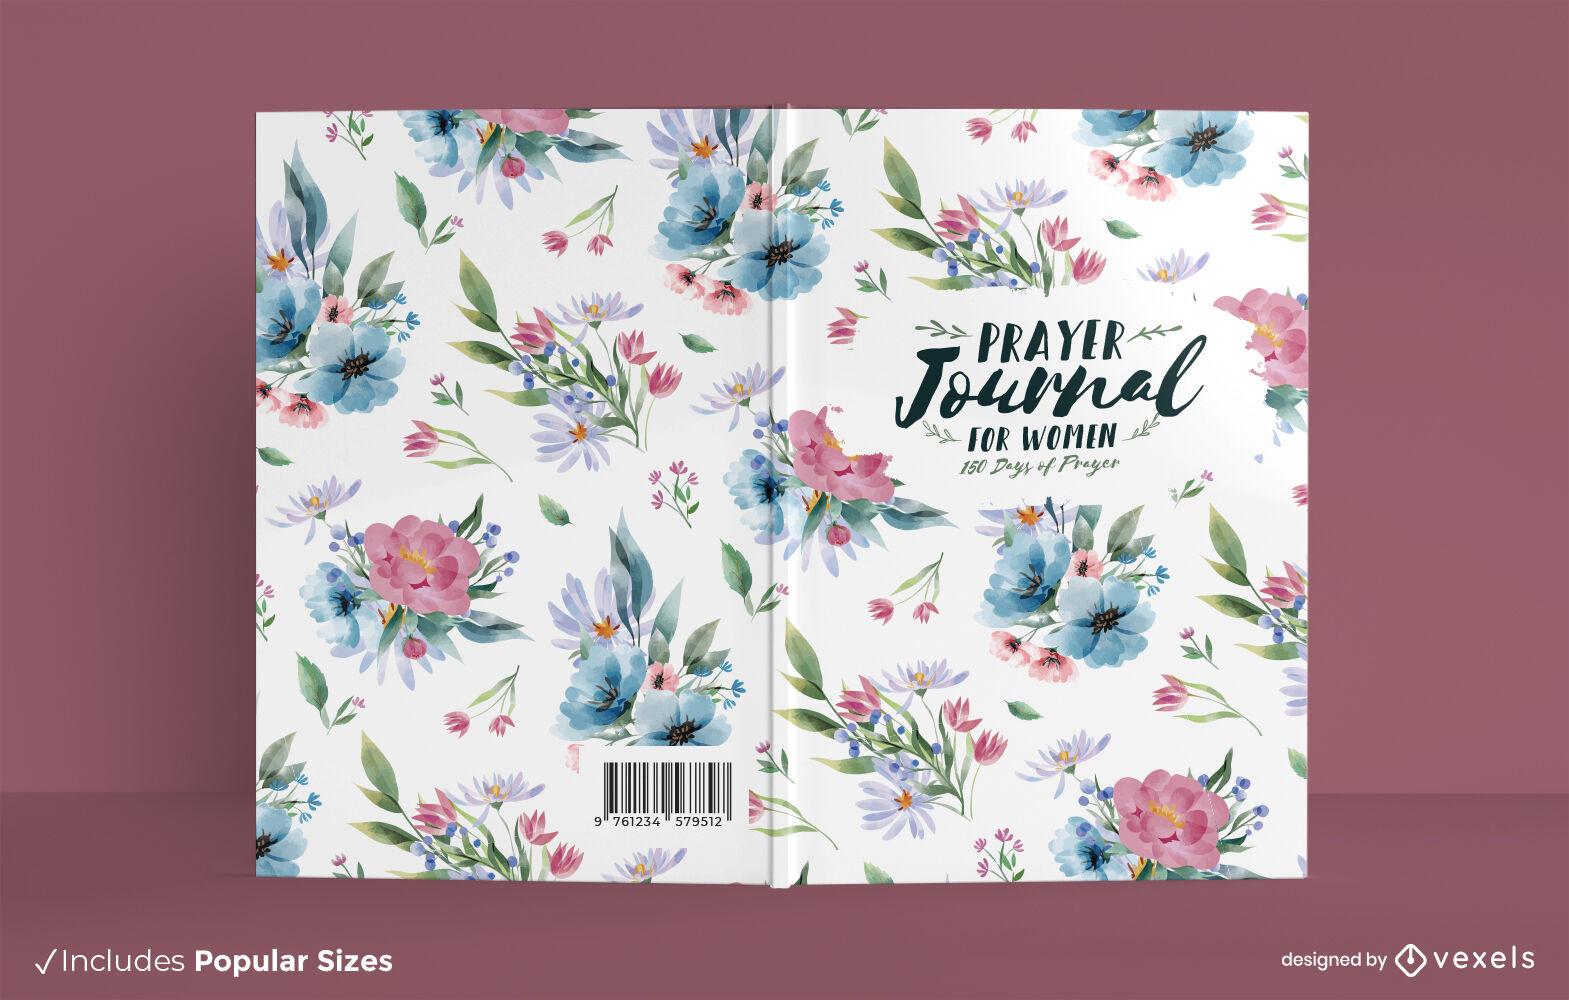 Capa do livro do diário de oração com flores em aquarela